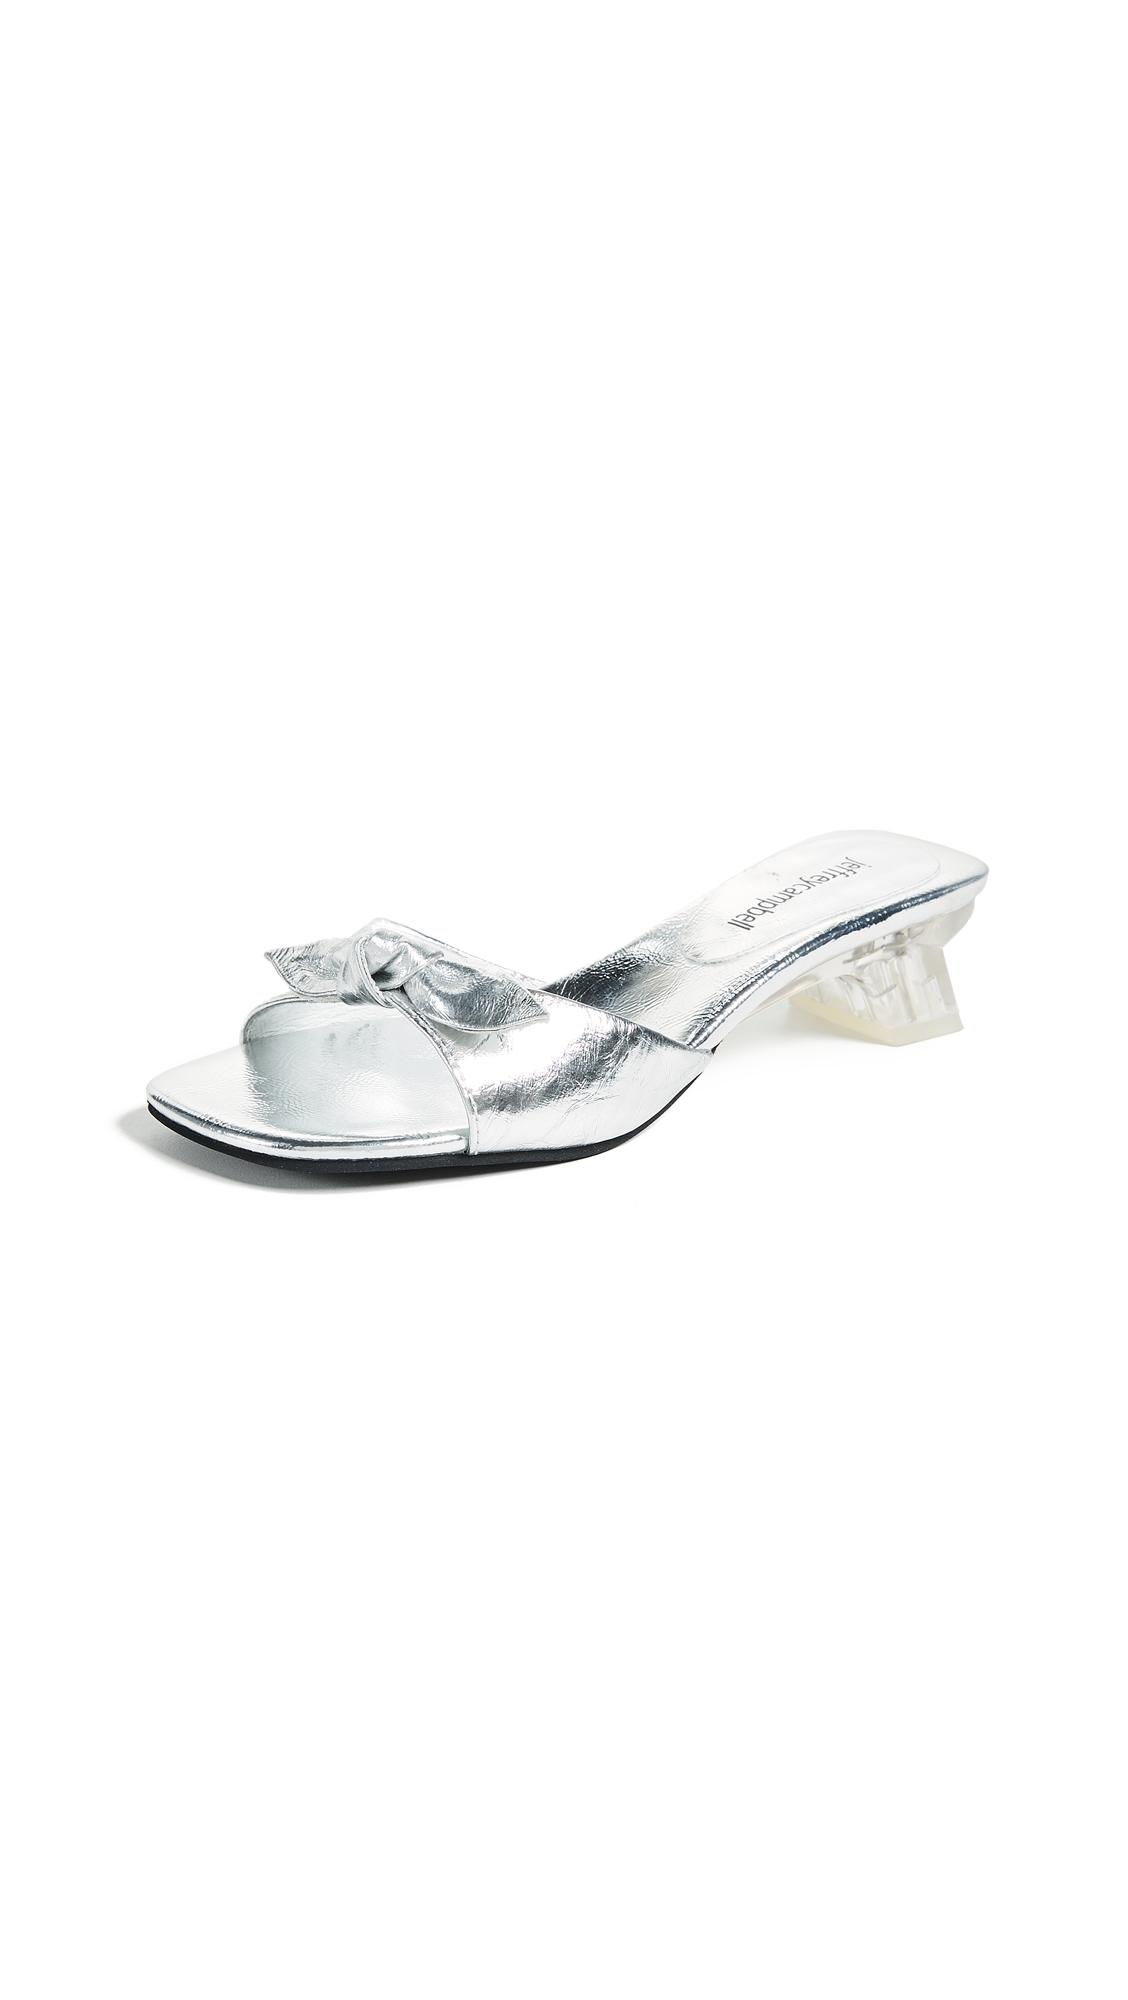 Jeffrey Campbell H8ER Slides - Silver